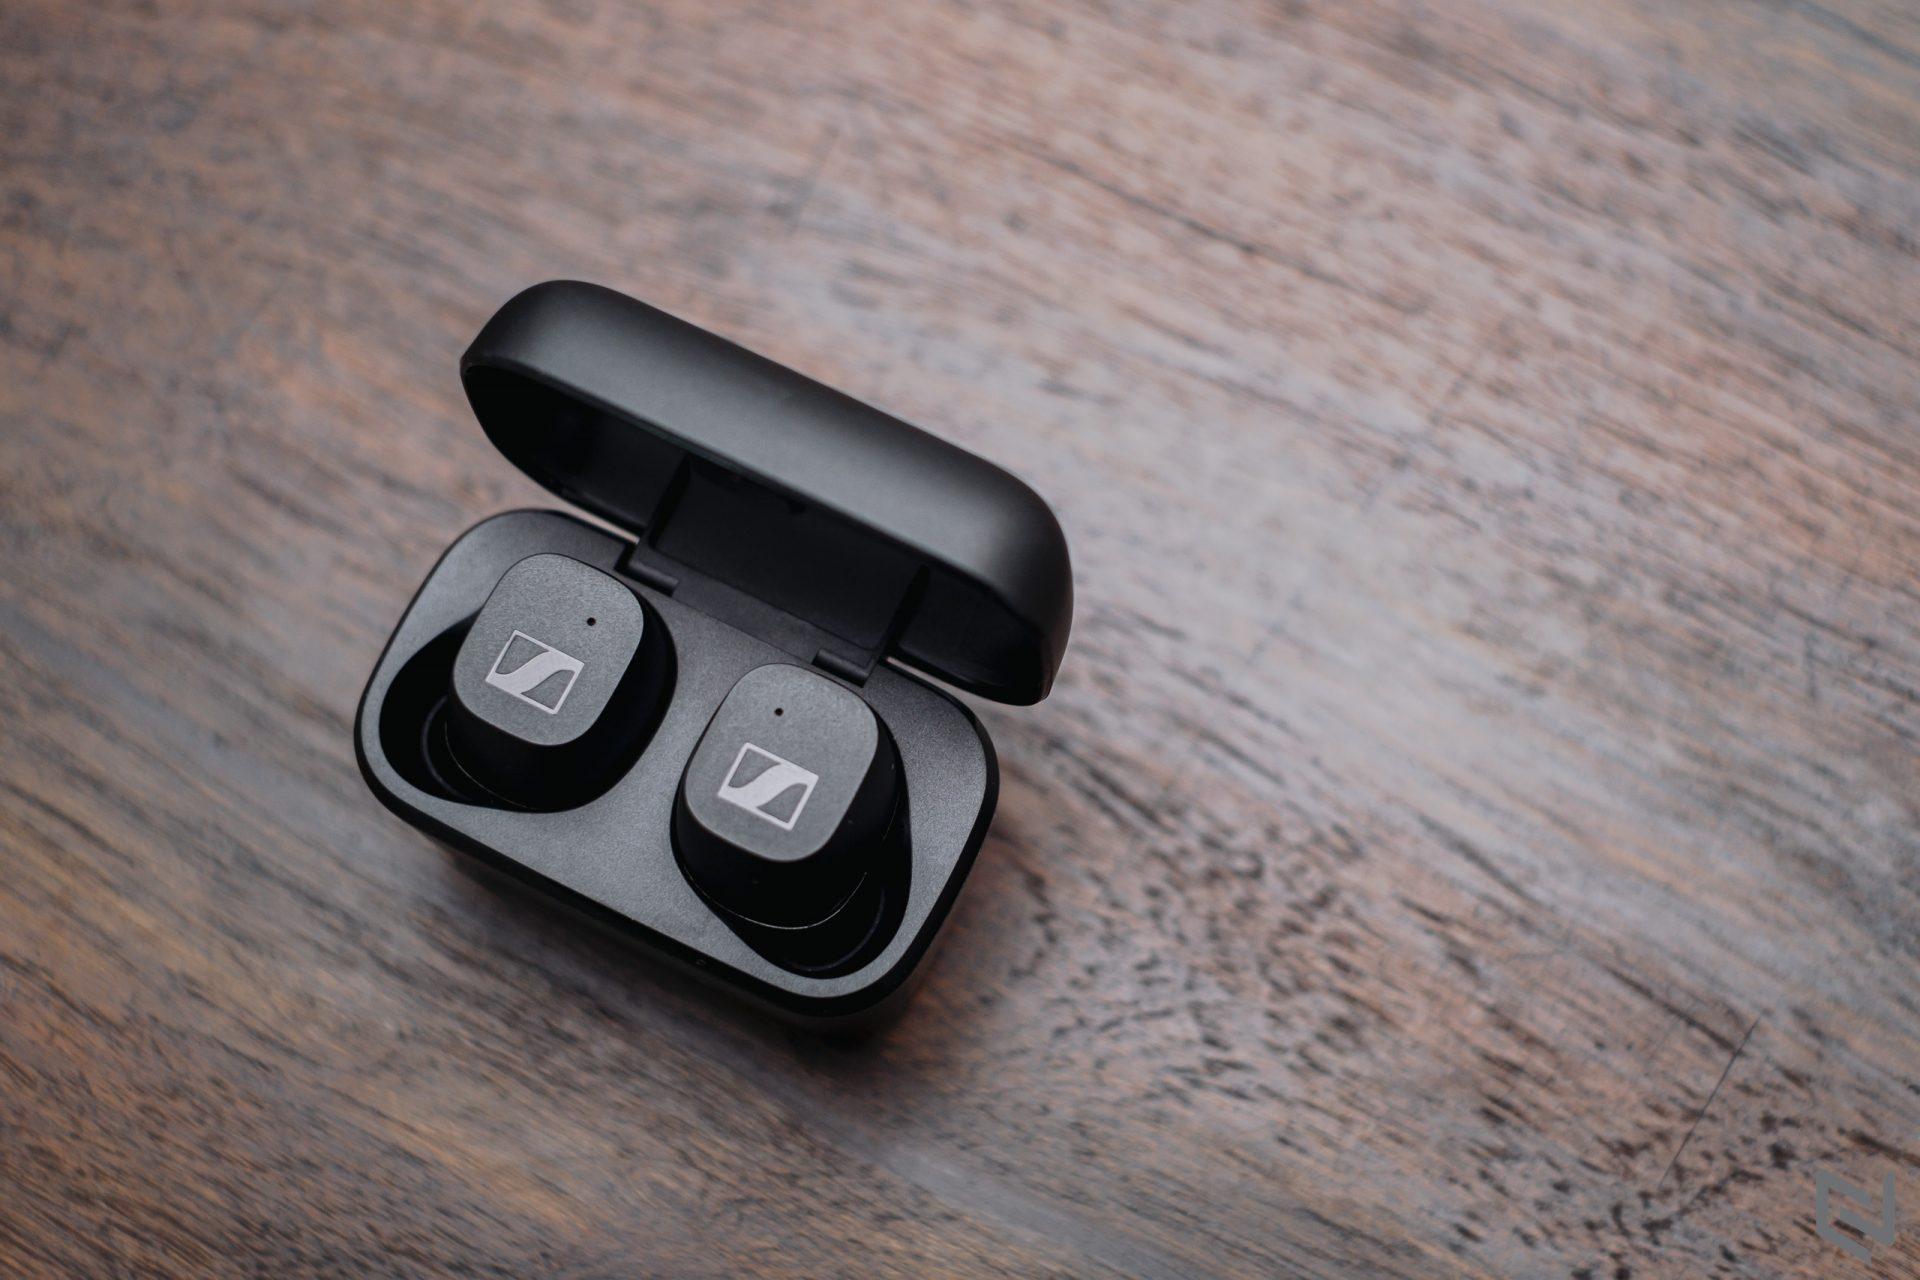 Mở hộp và đánh giá nhanh Sennheiser CX True Wireless